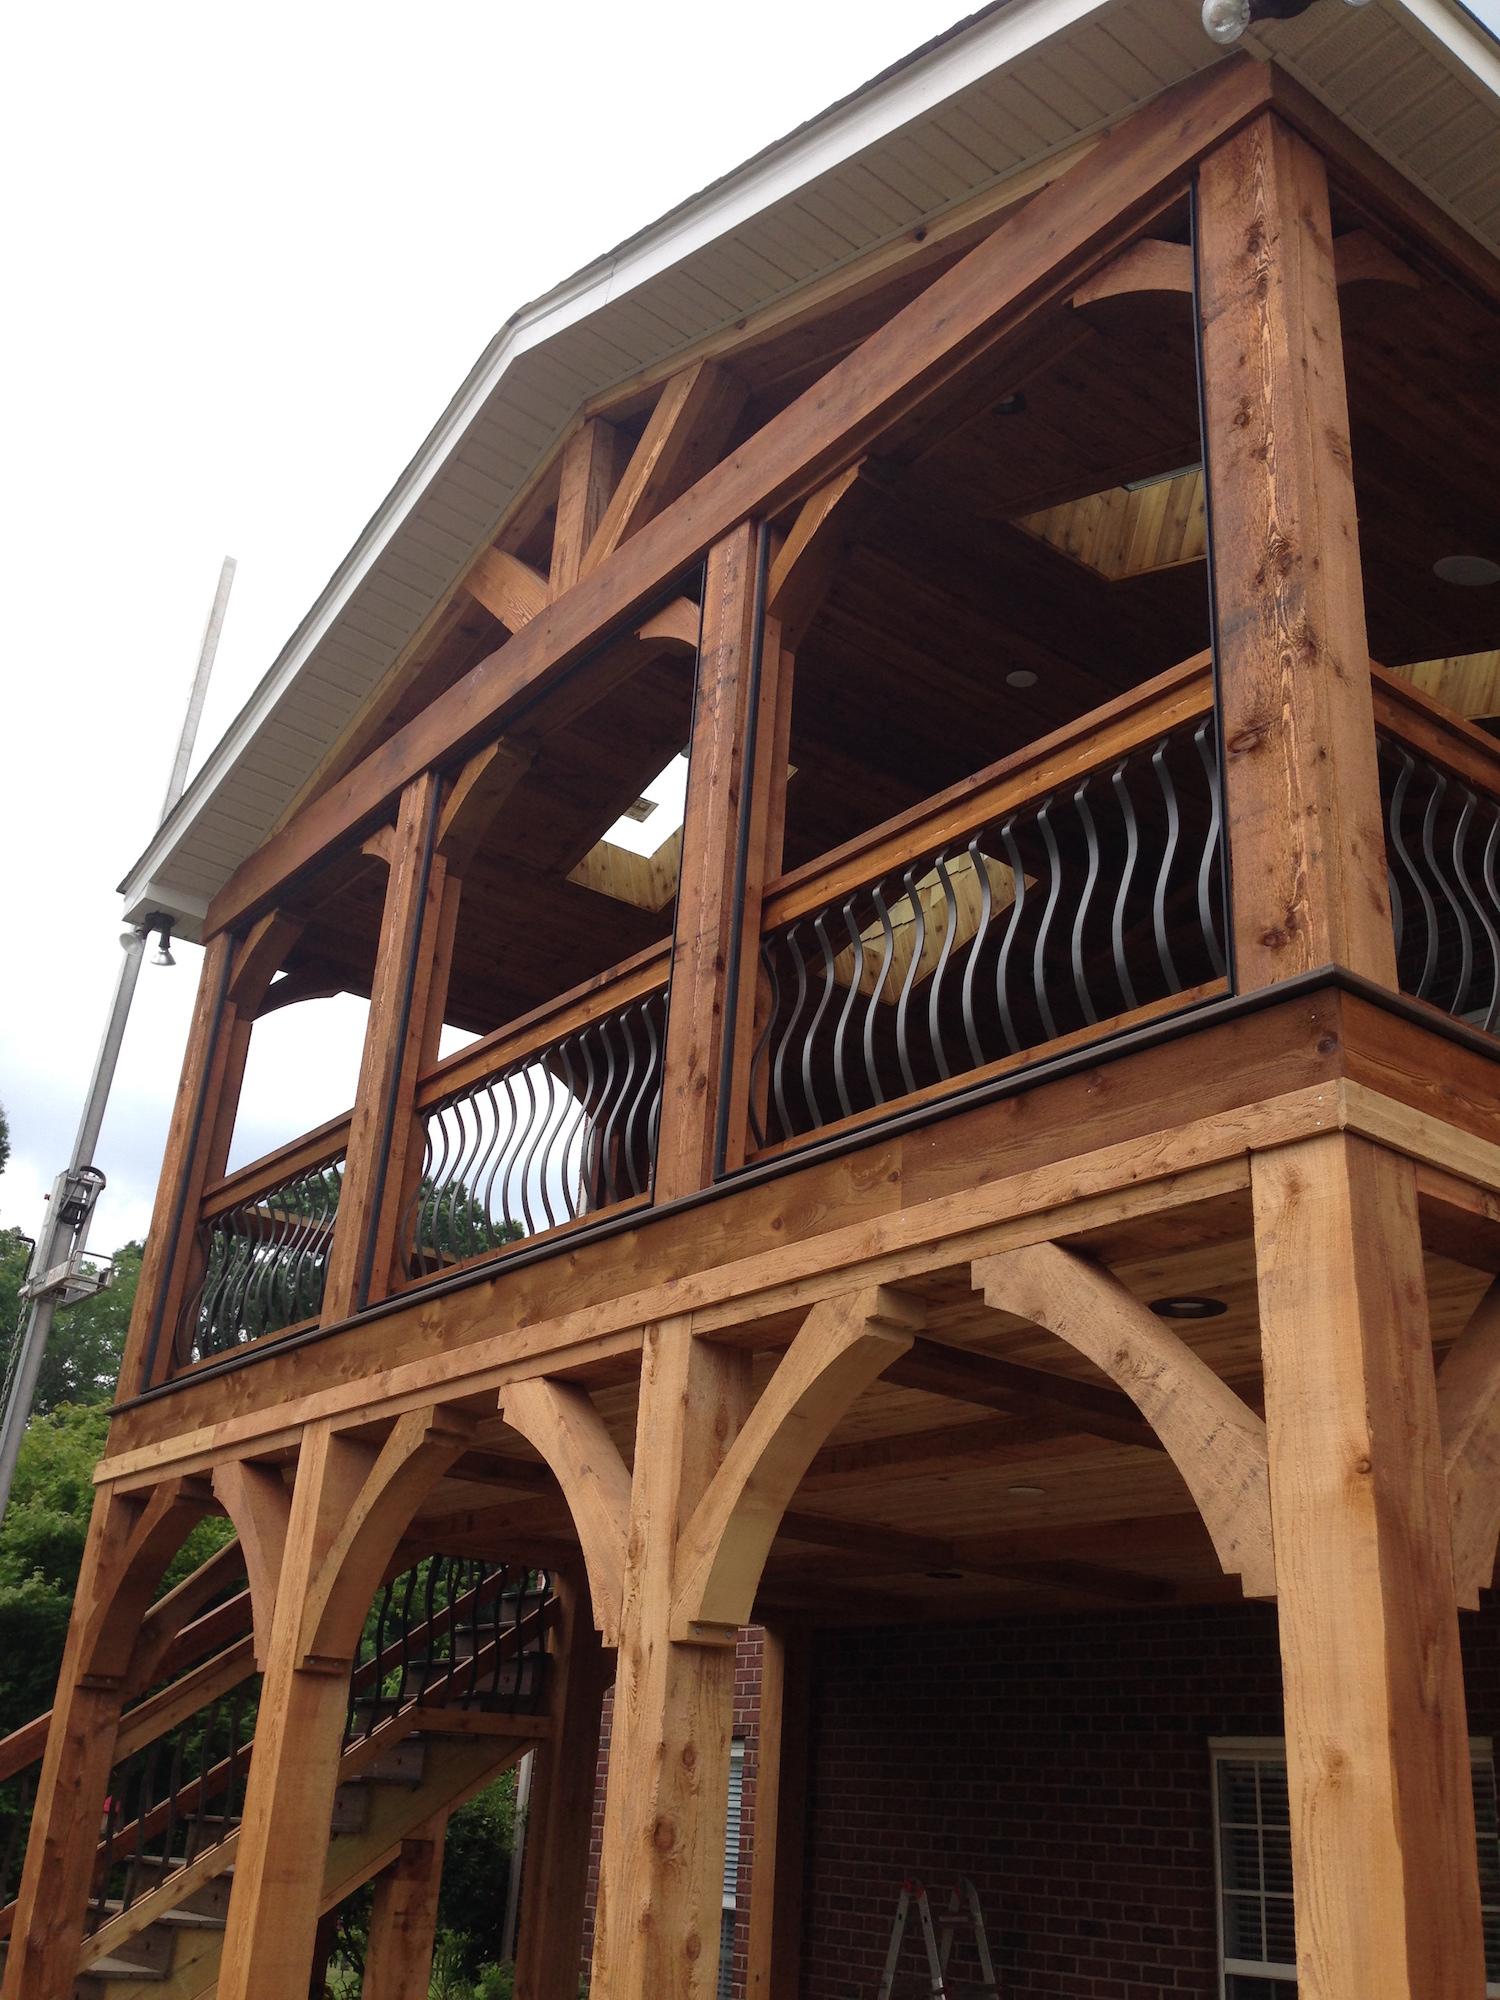 Deck & timber